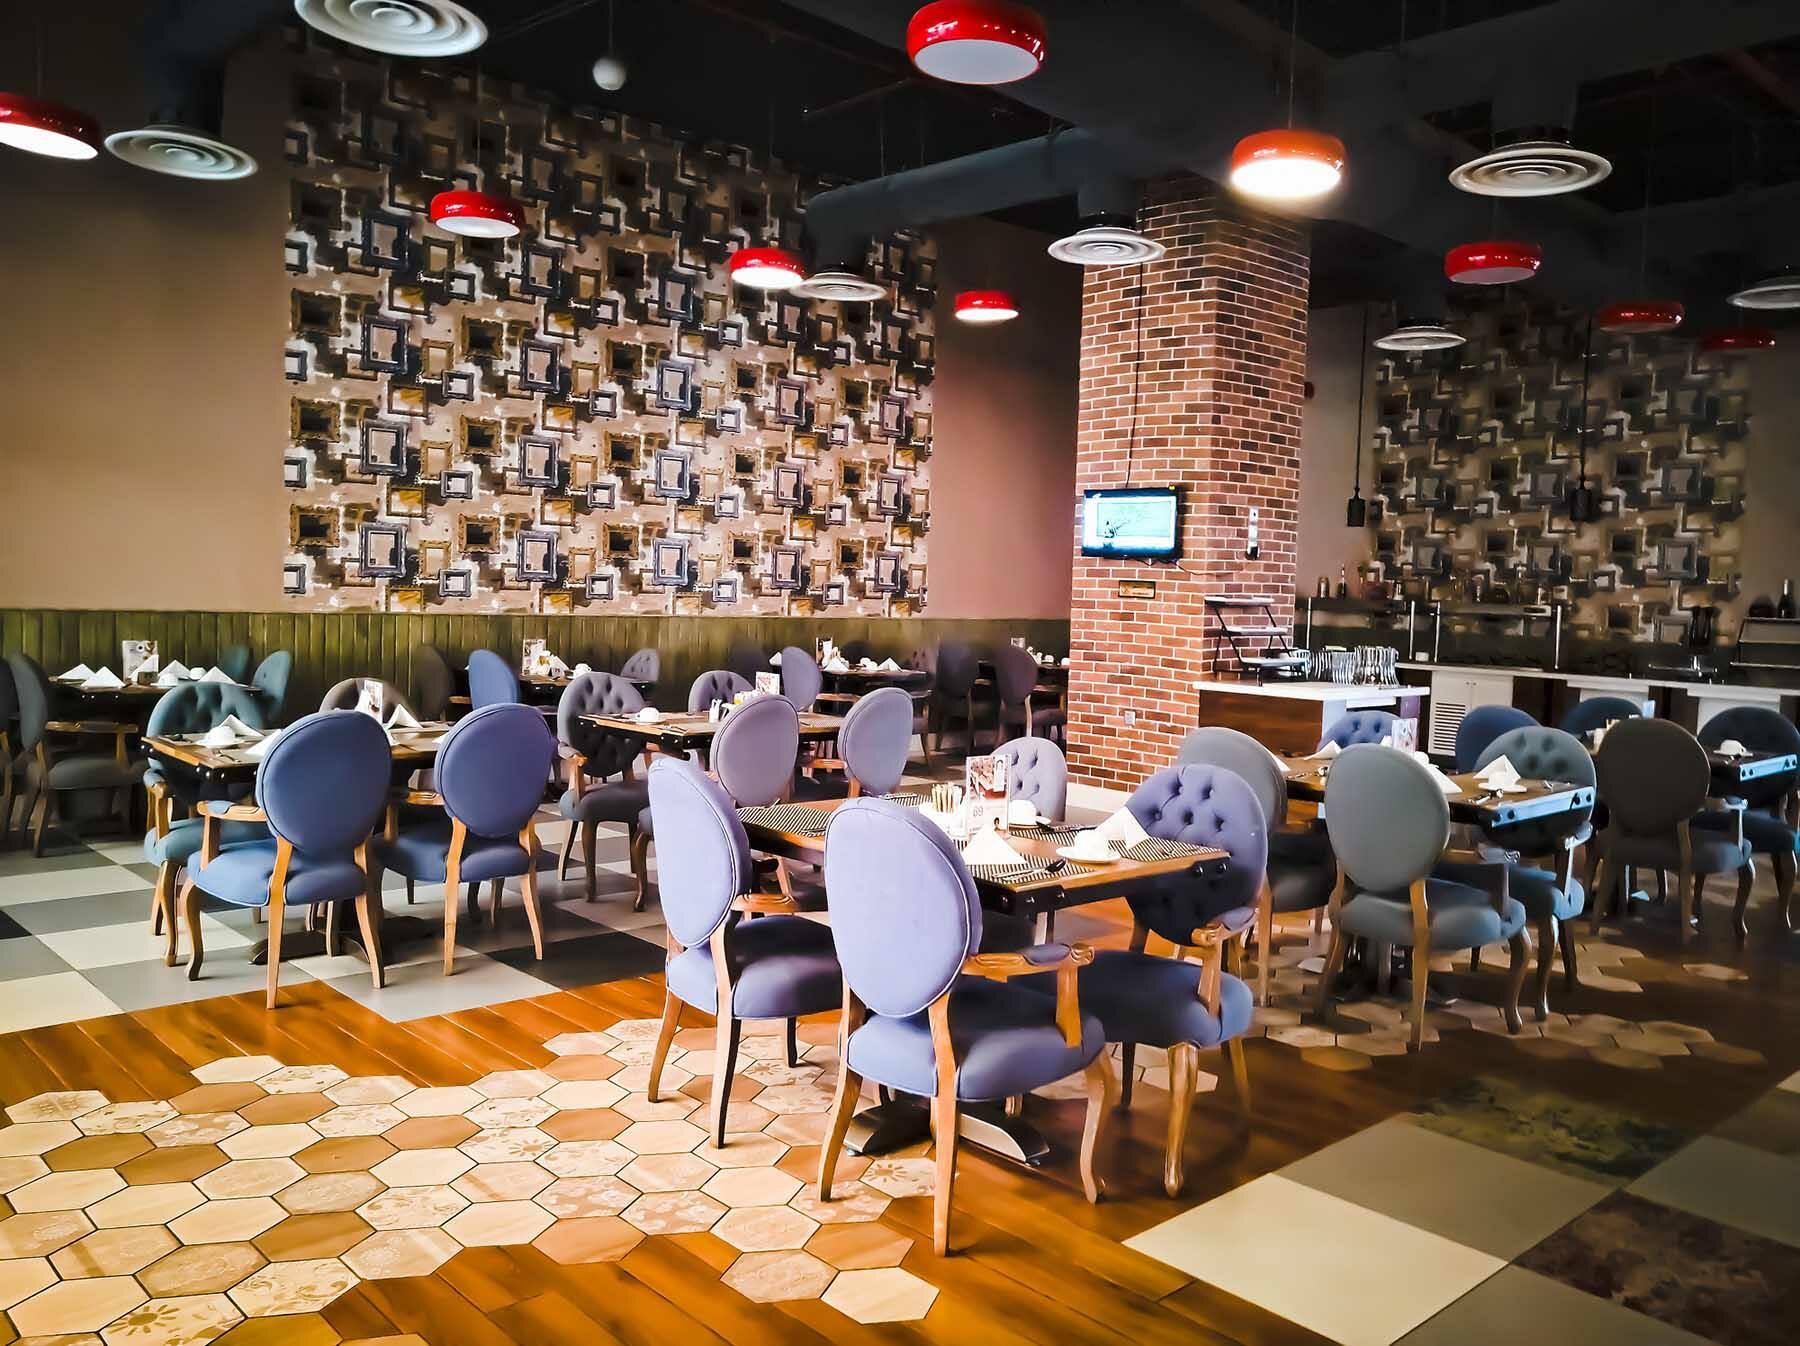 Dooh Restaurant - Dining